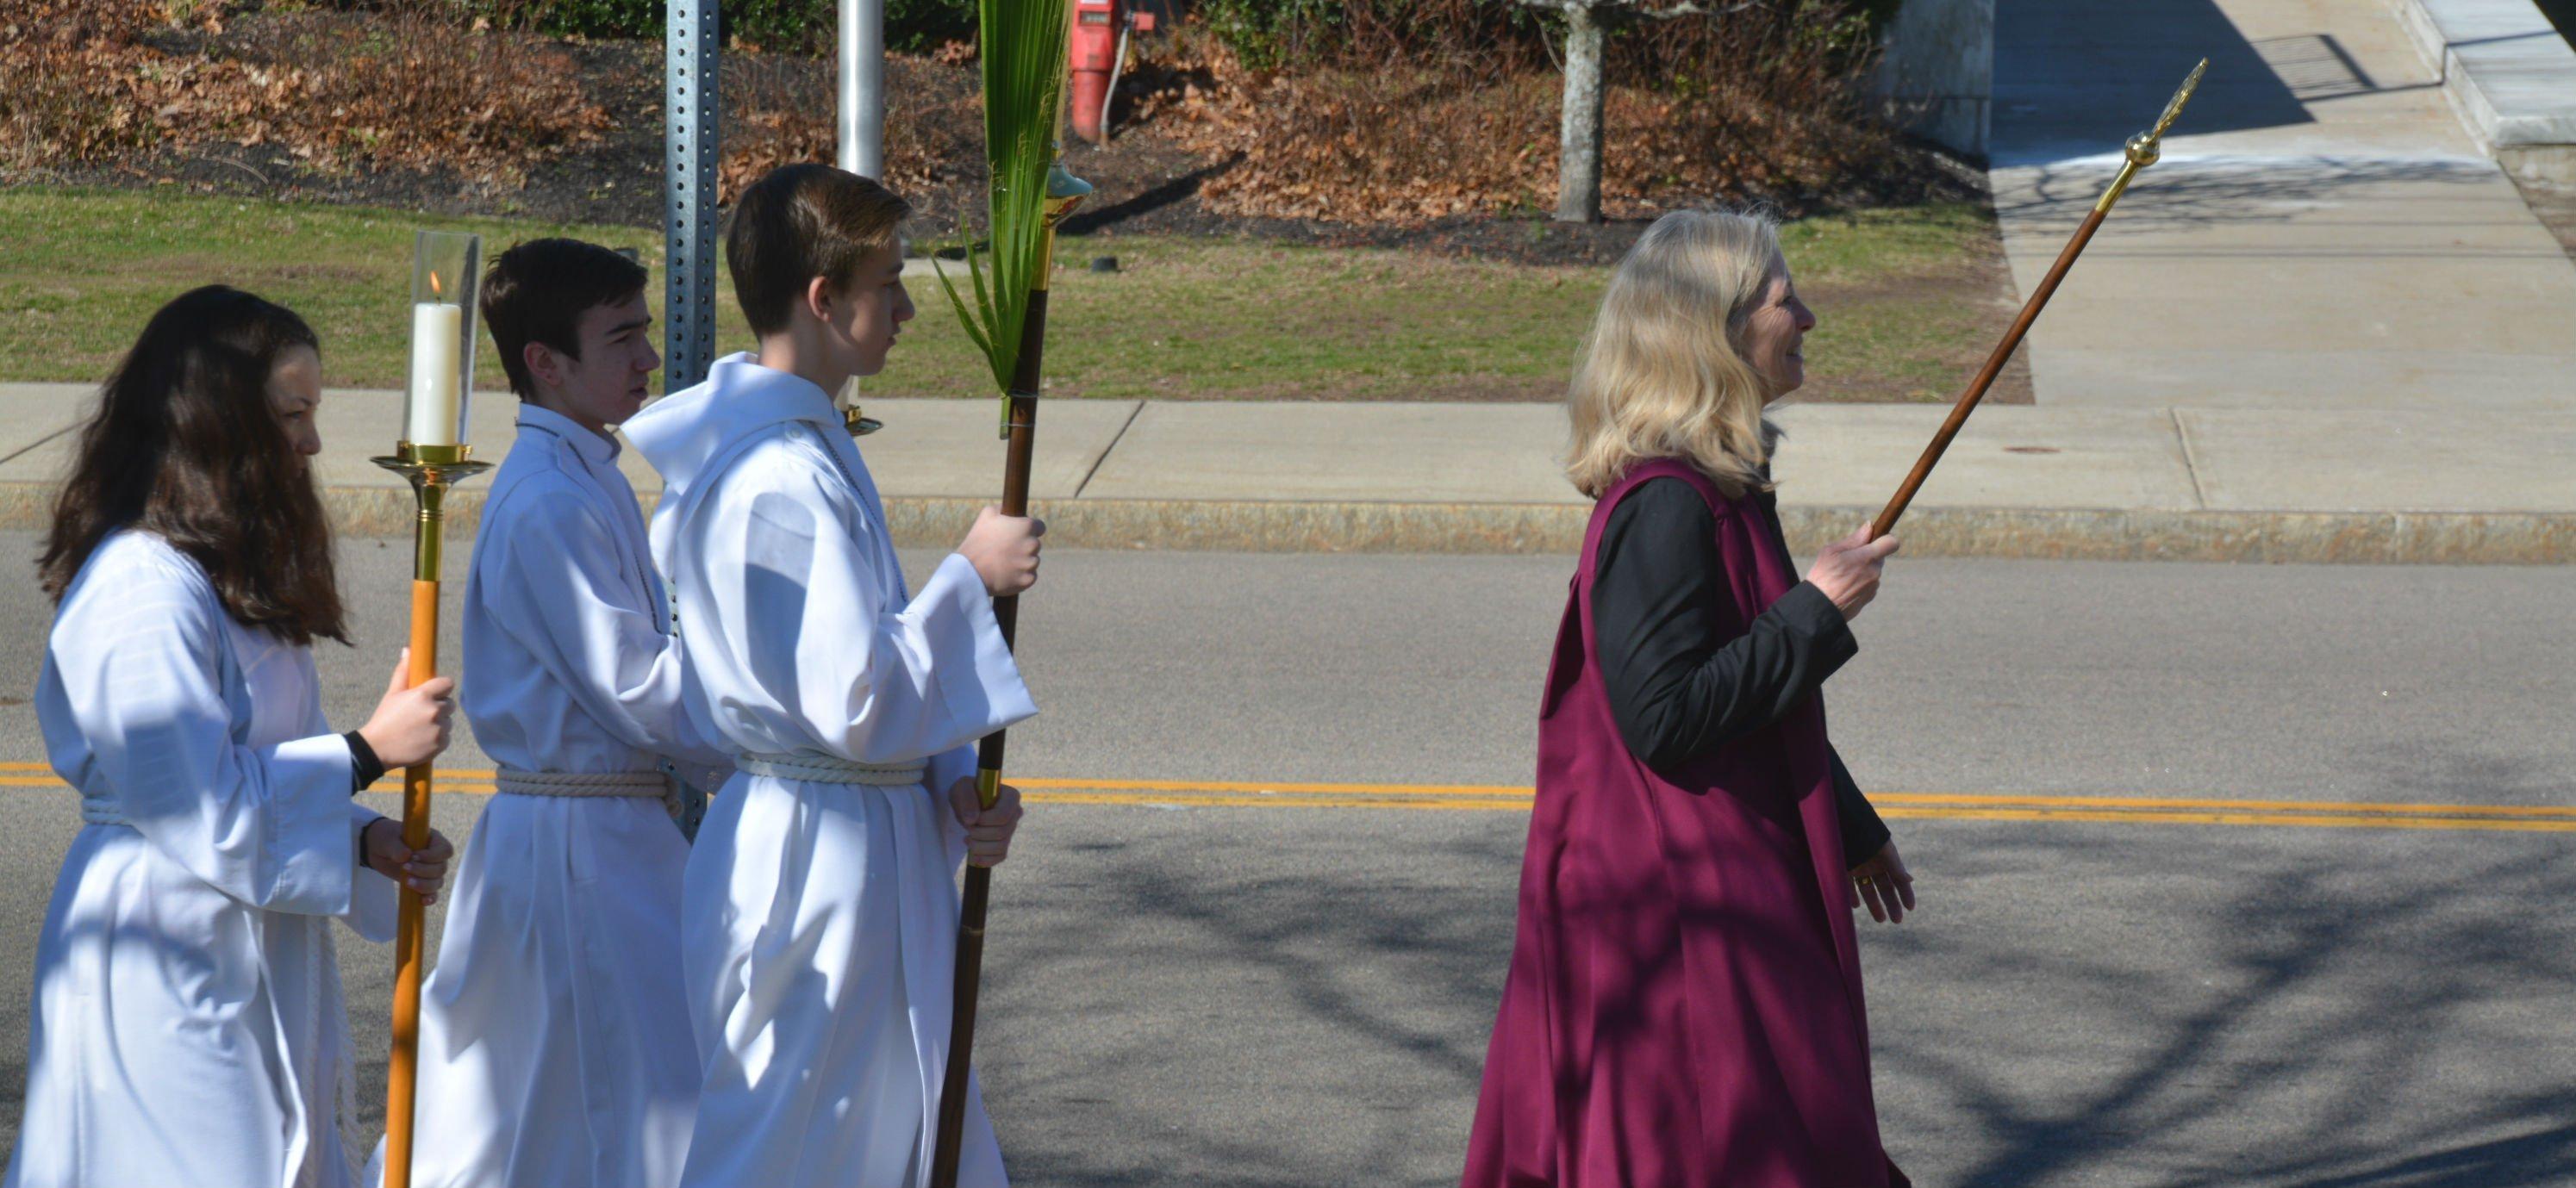 procession1 crop